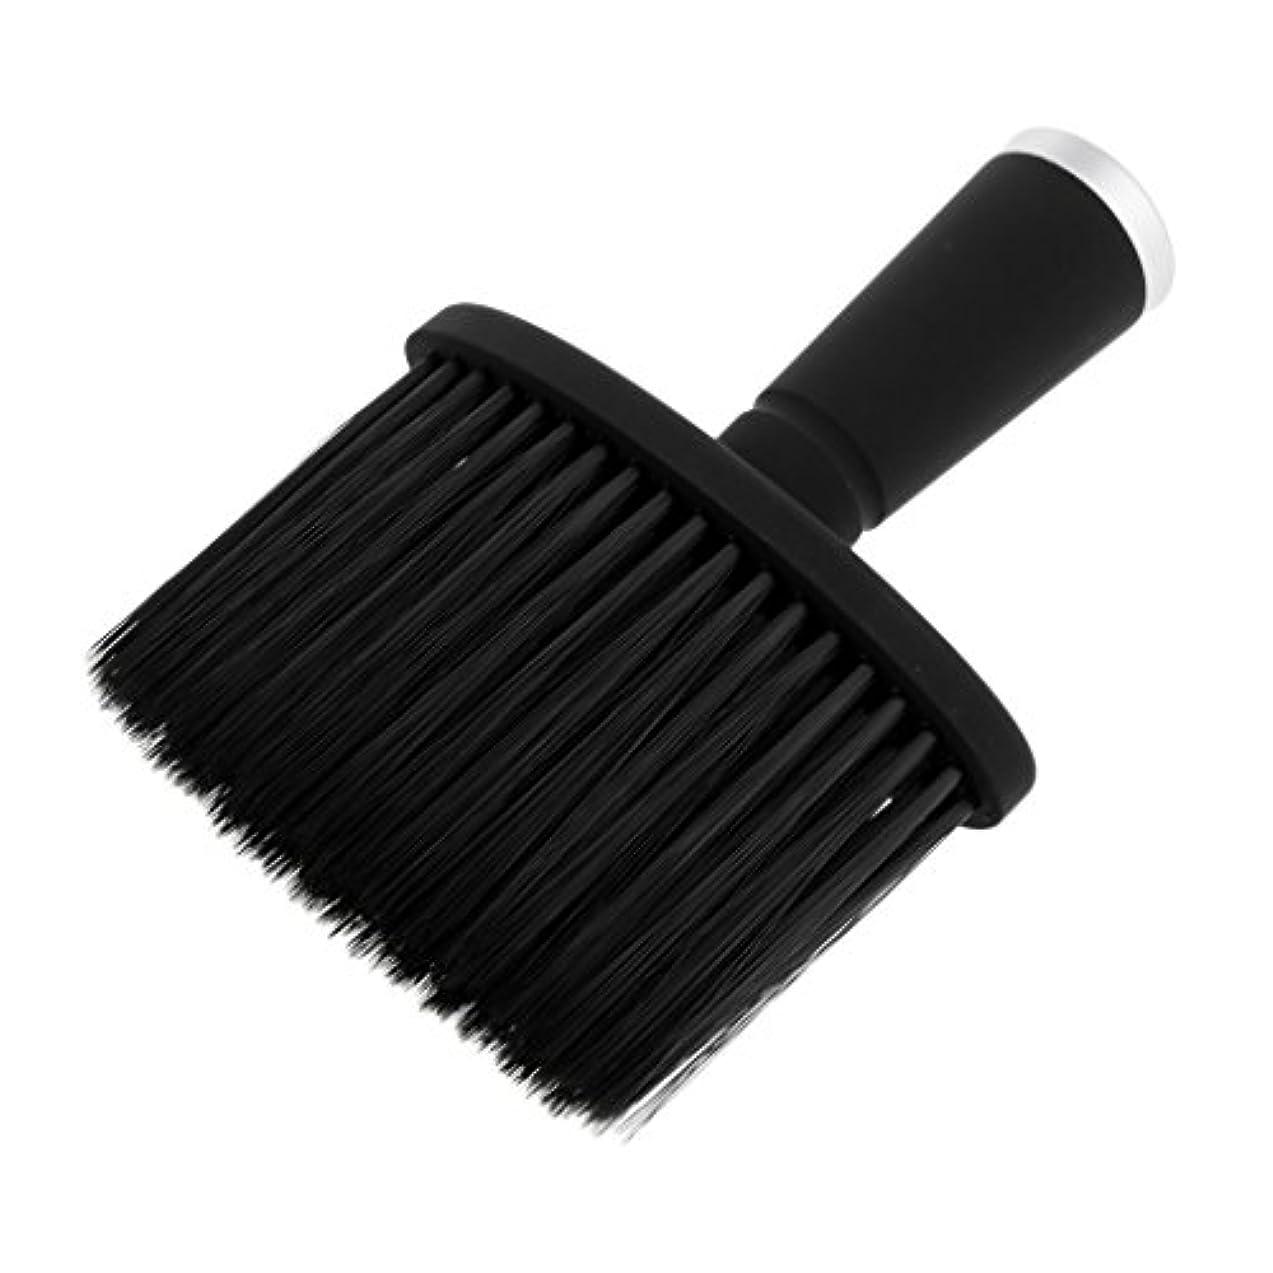 統治可能ポンド弾丸T TOOYFUL ソフトネックダスターブラシサロンのためのスタイリストの理髪髪ヘアカットメイクツール - 銀